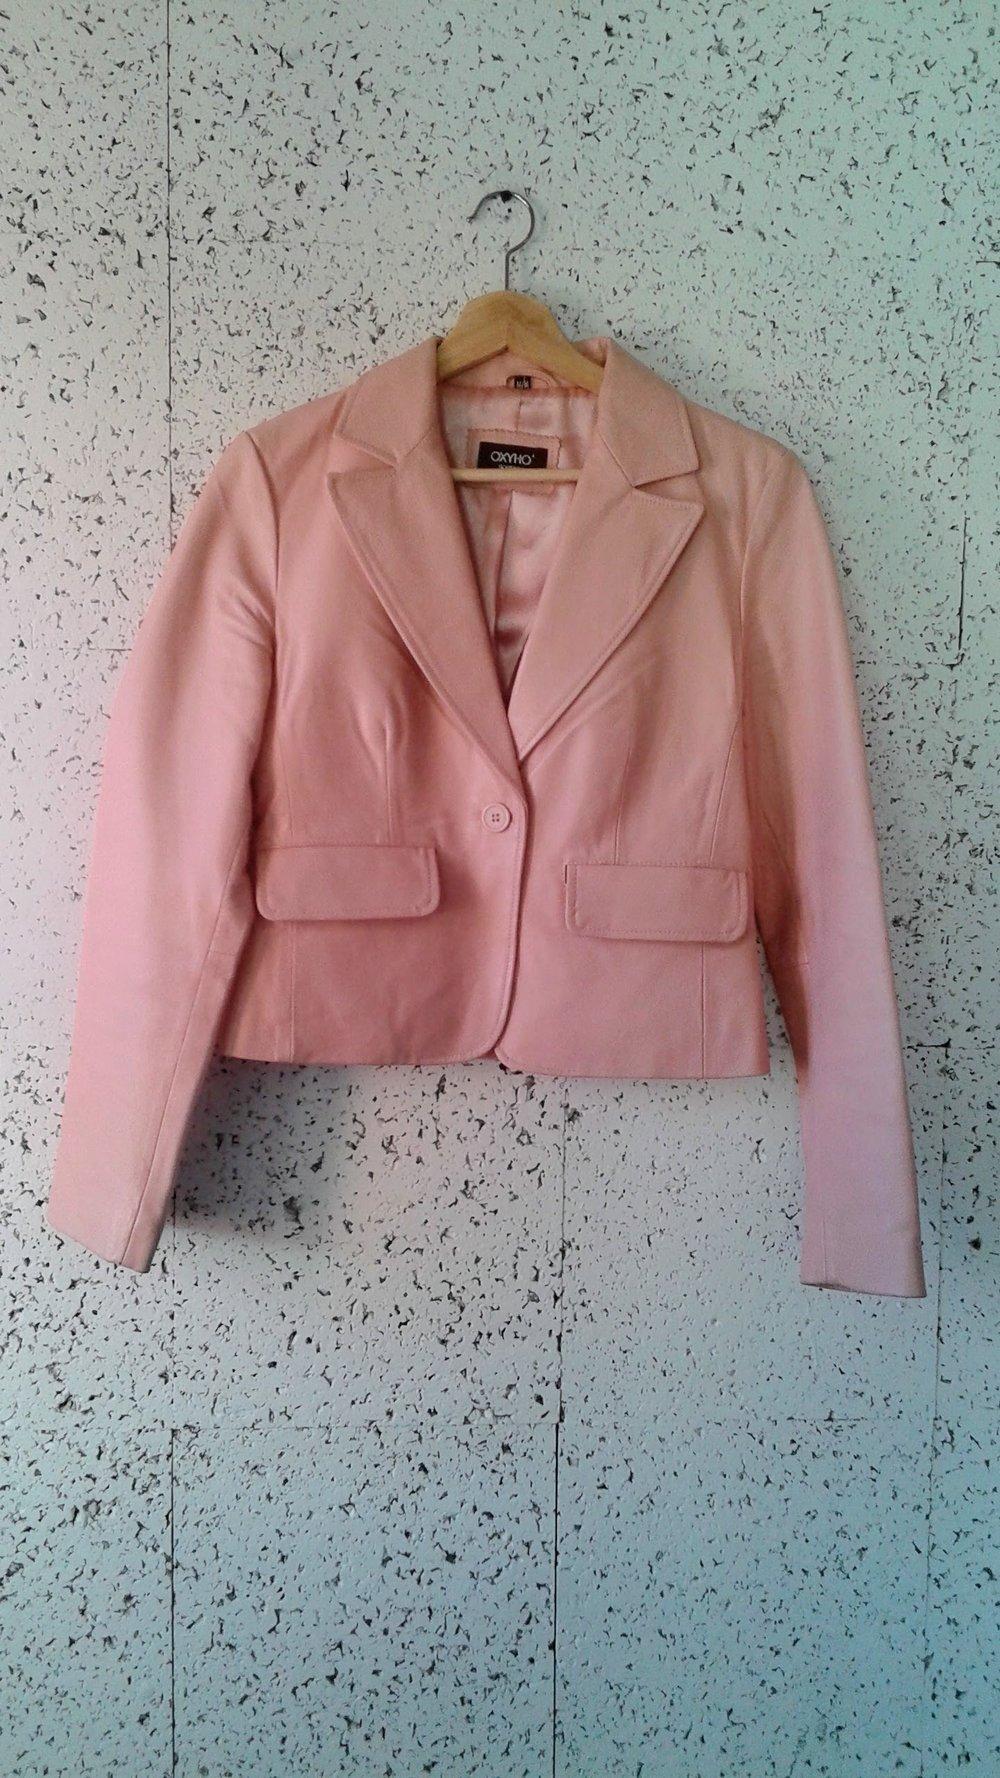 Leather blazer; Size S, $52